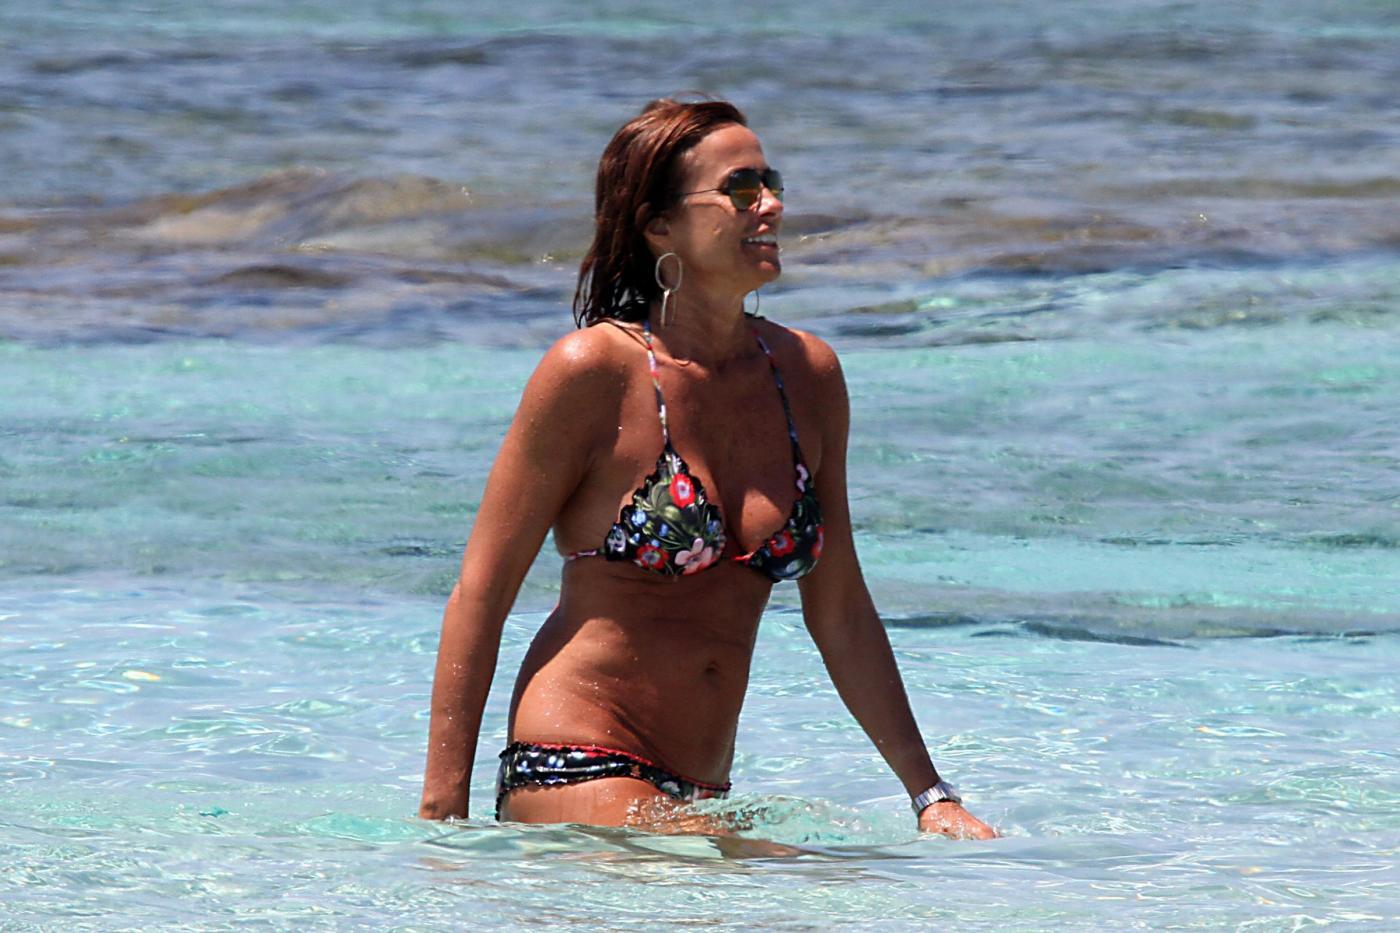 Cristina Parodi, tintarella a Formentera con amiche: topless perfetto a 50 anni 7